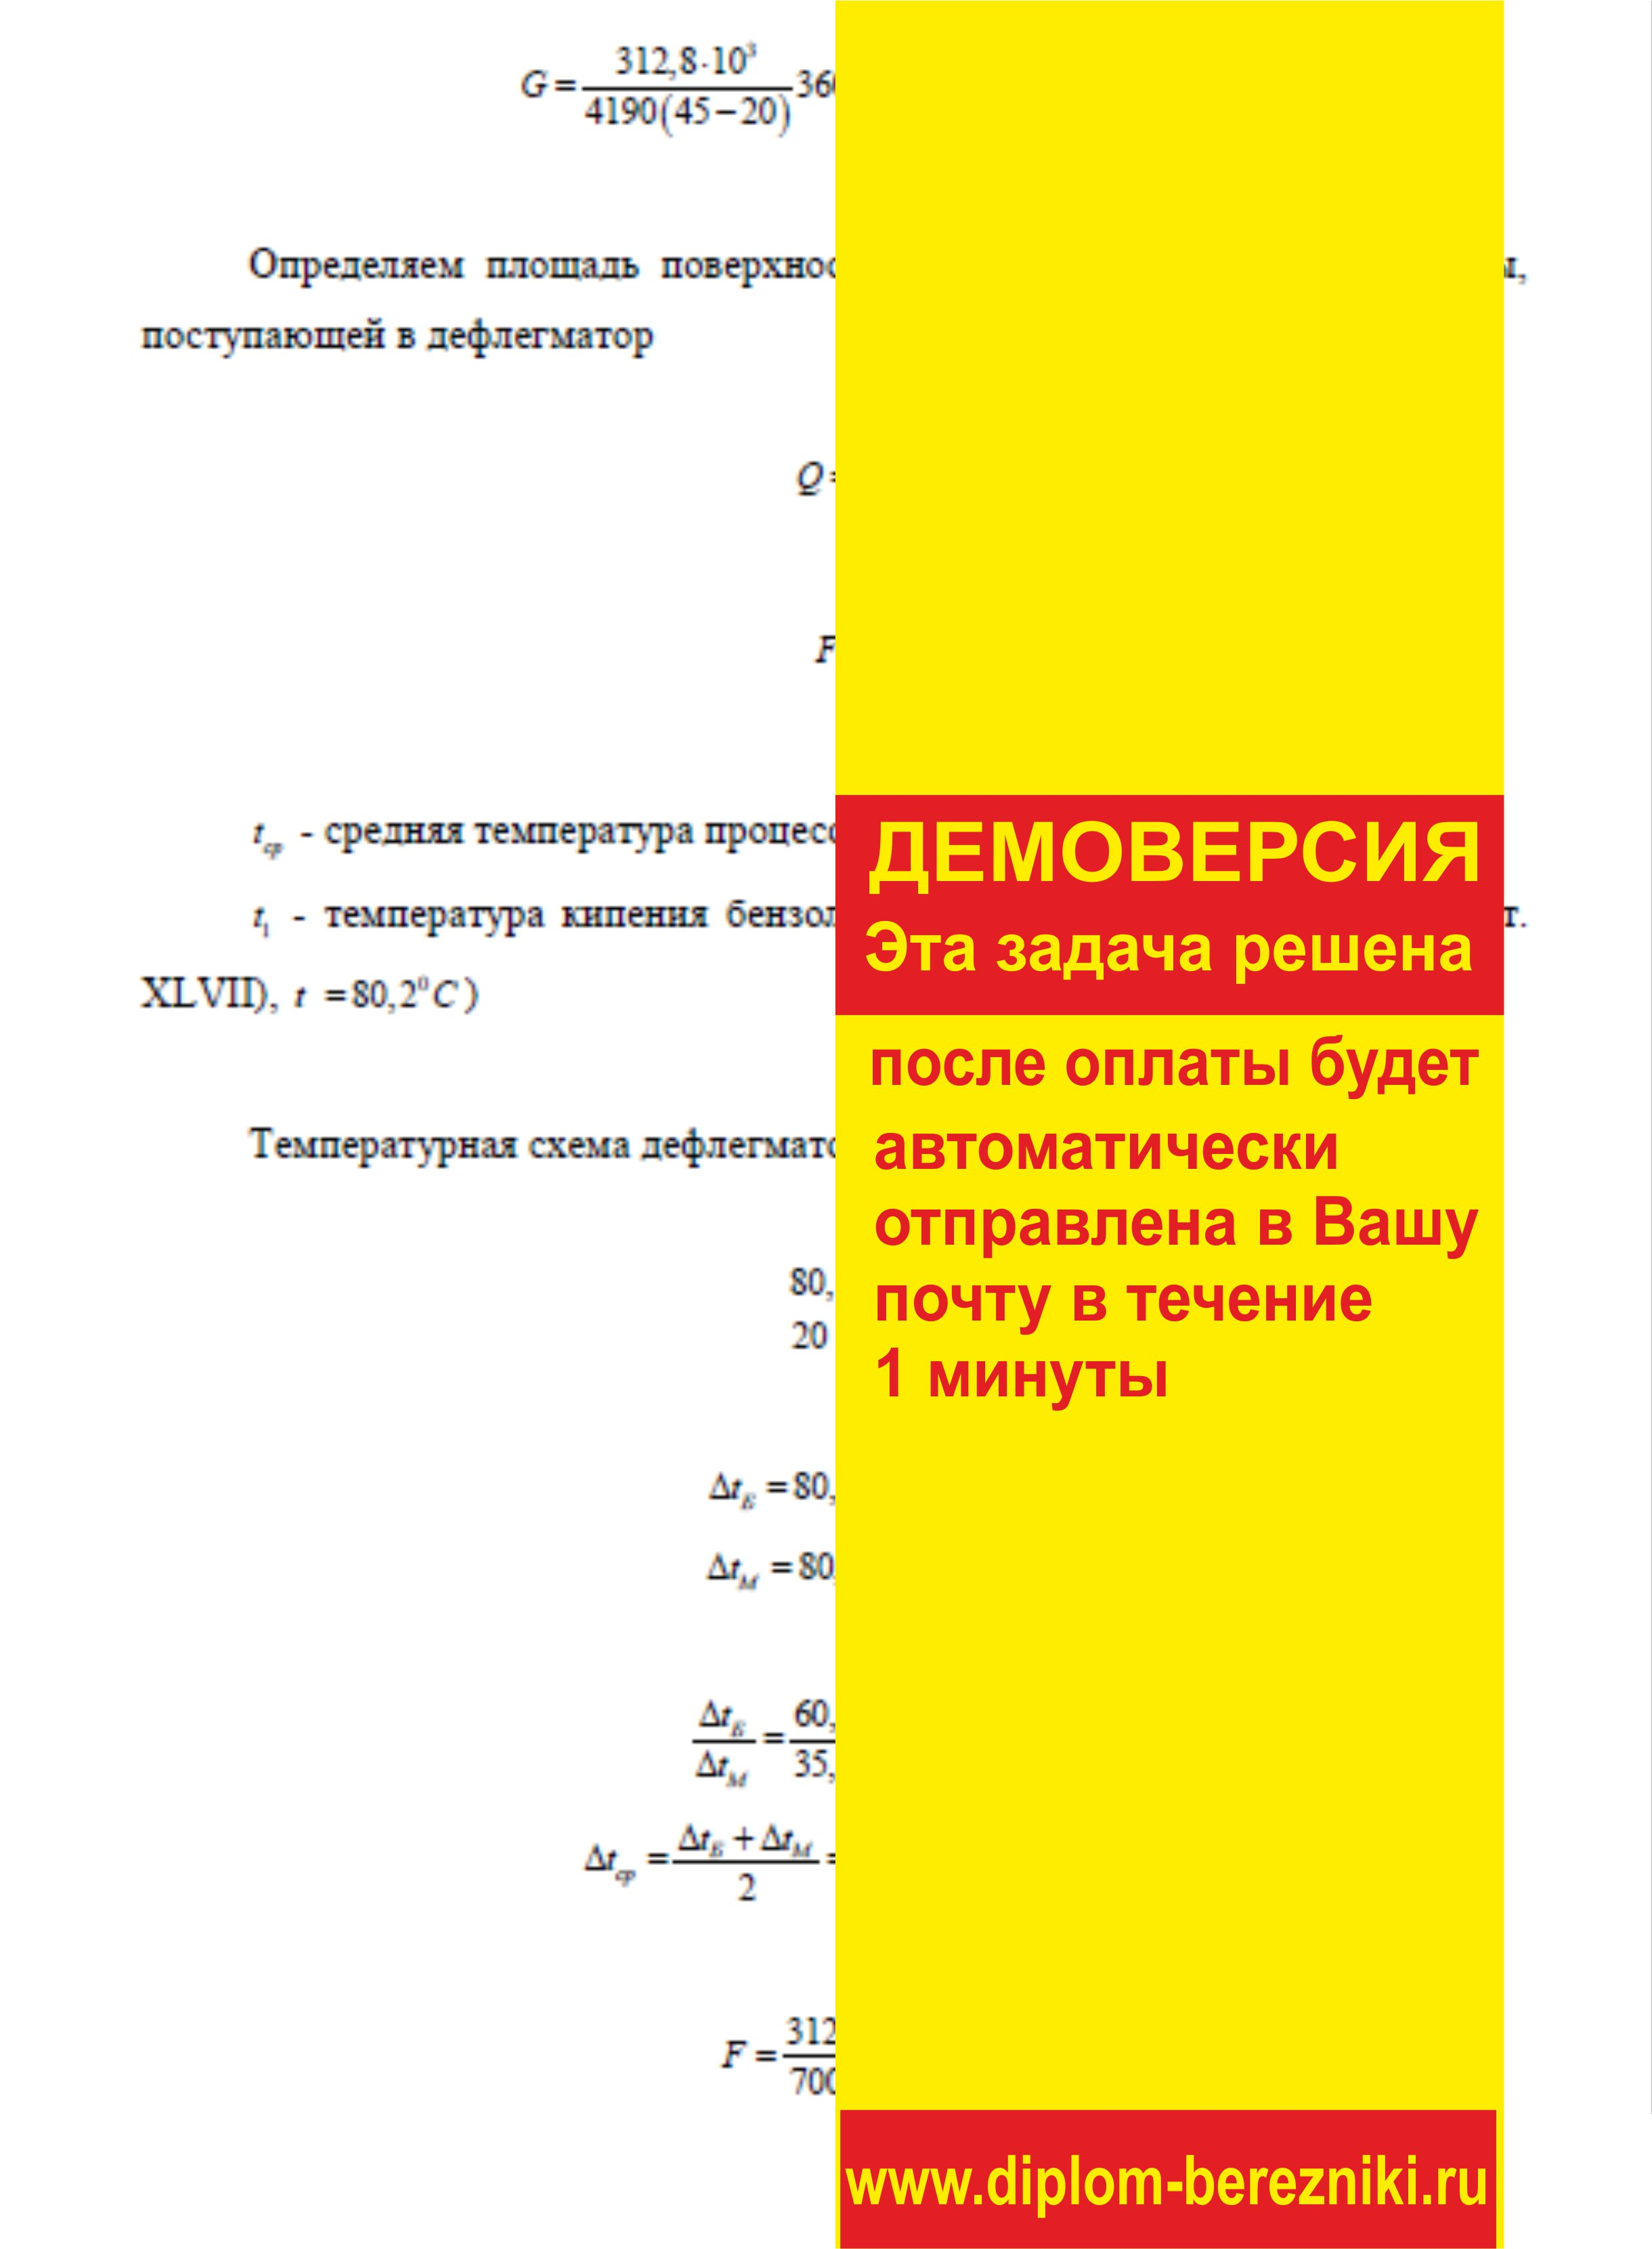 Решение задачи 7.24 по ПАХТ из задачника Павлова Романкова Носкова